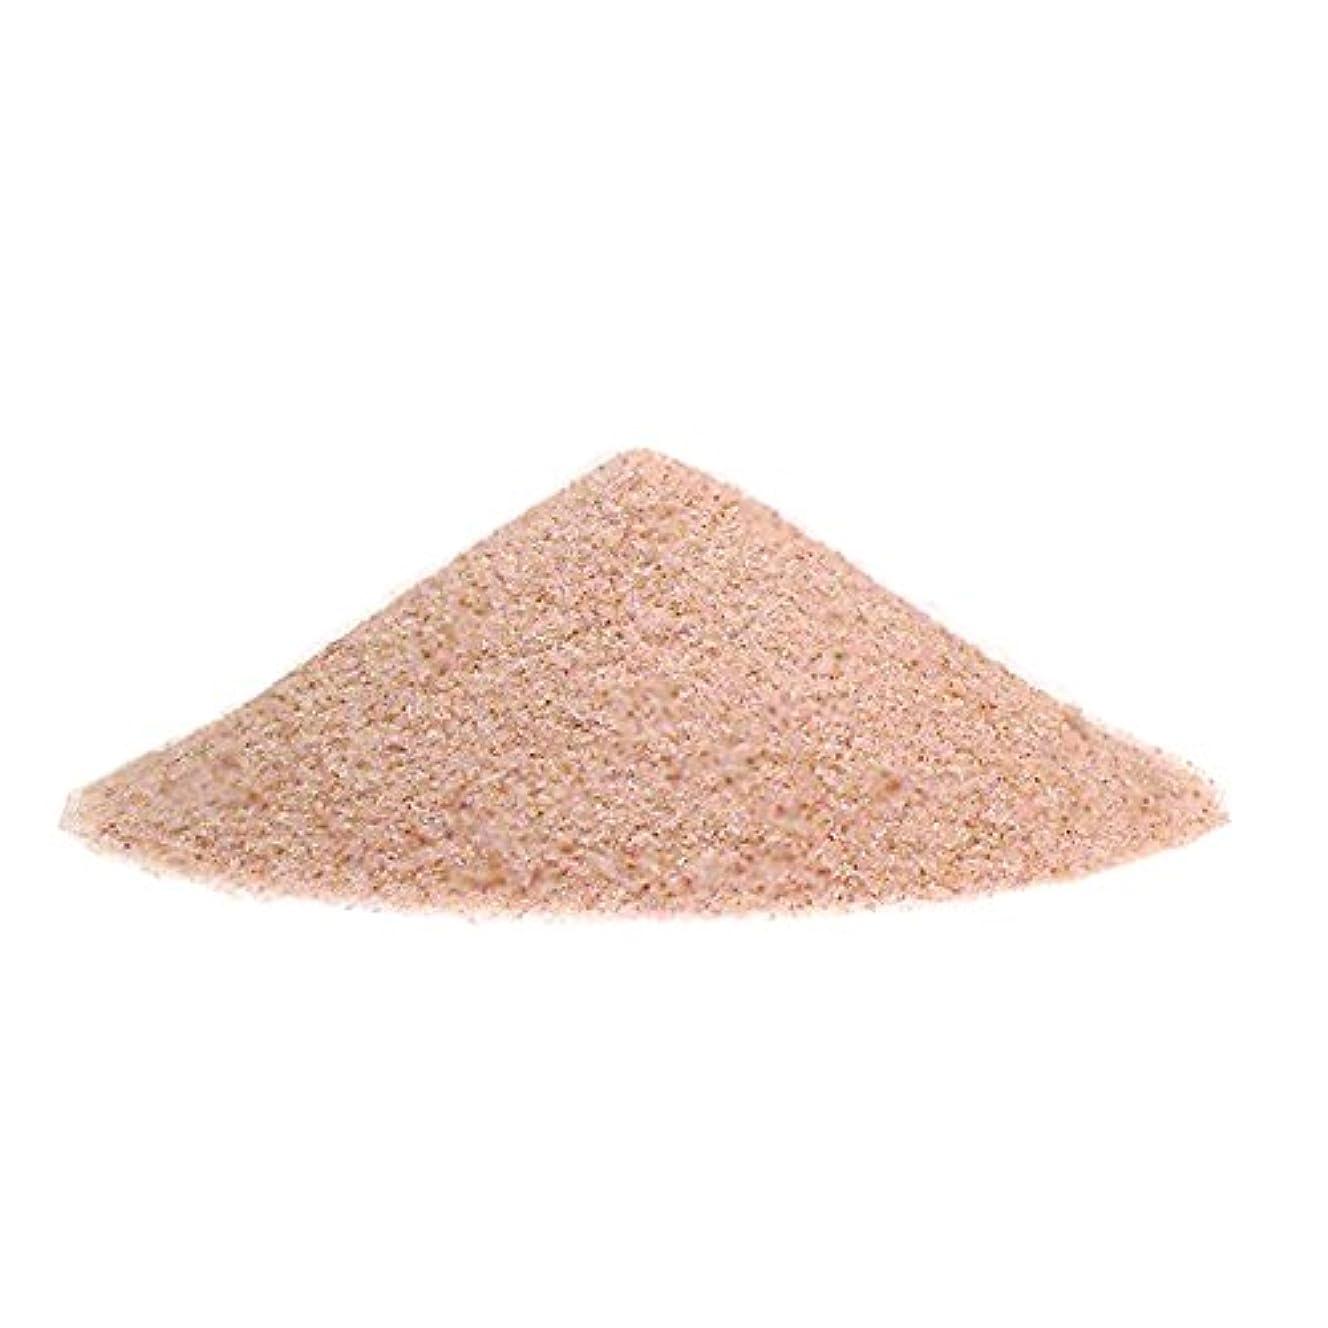 不完全チキン規制ヒマラヤ岩塩 ピンクソルト 入浴用 バスソルト(微粒パウダー)2kg ピンク岩塩